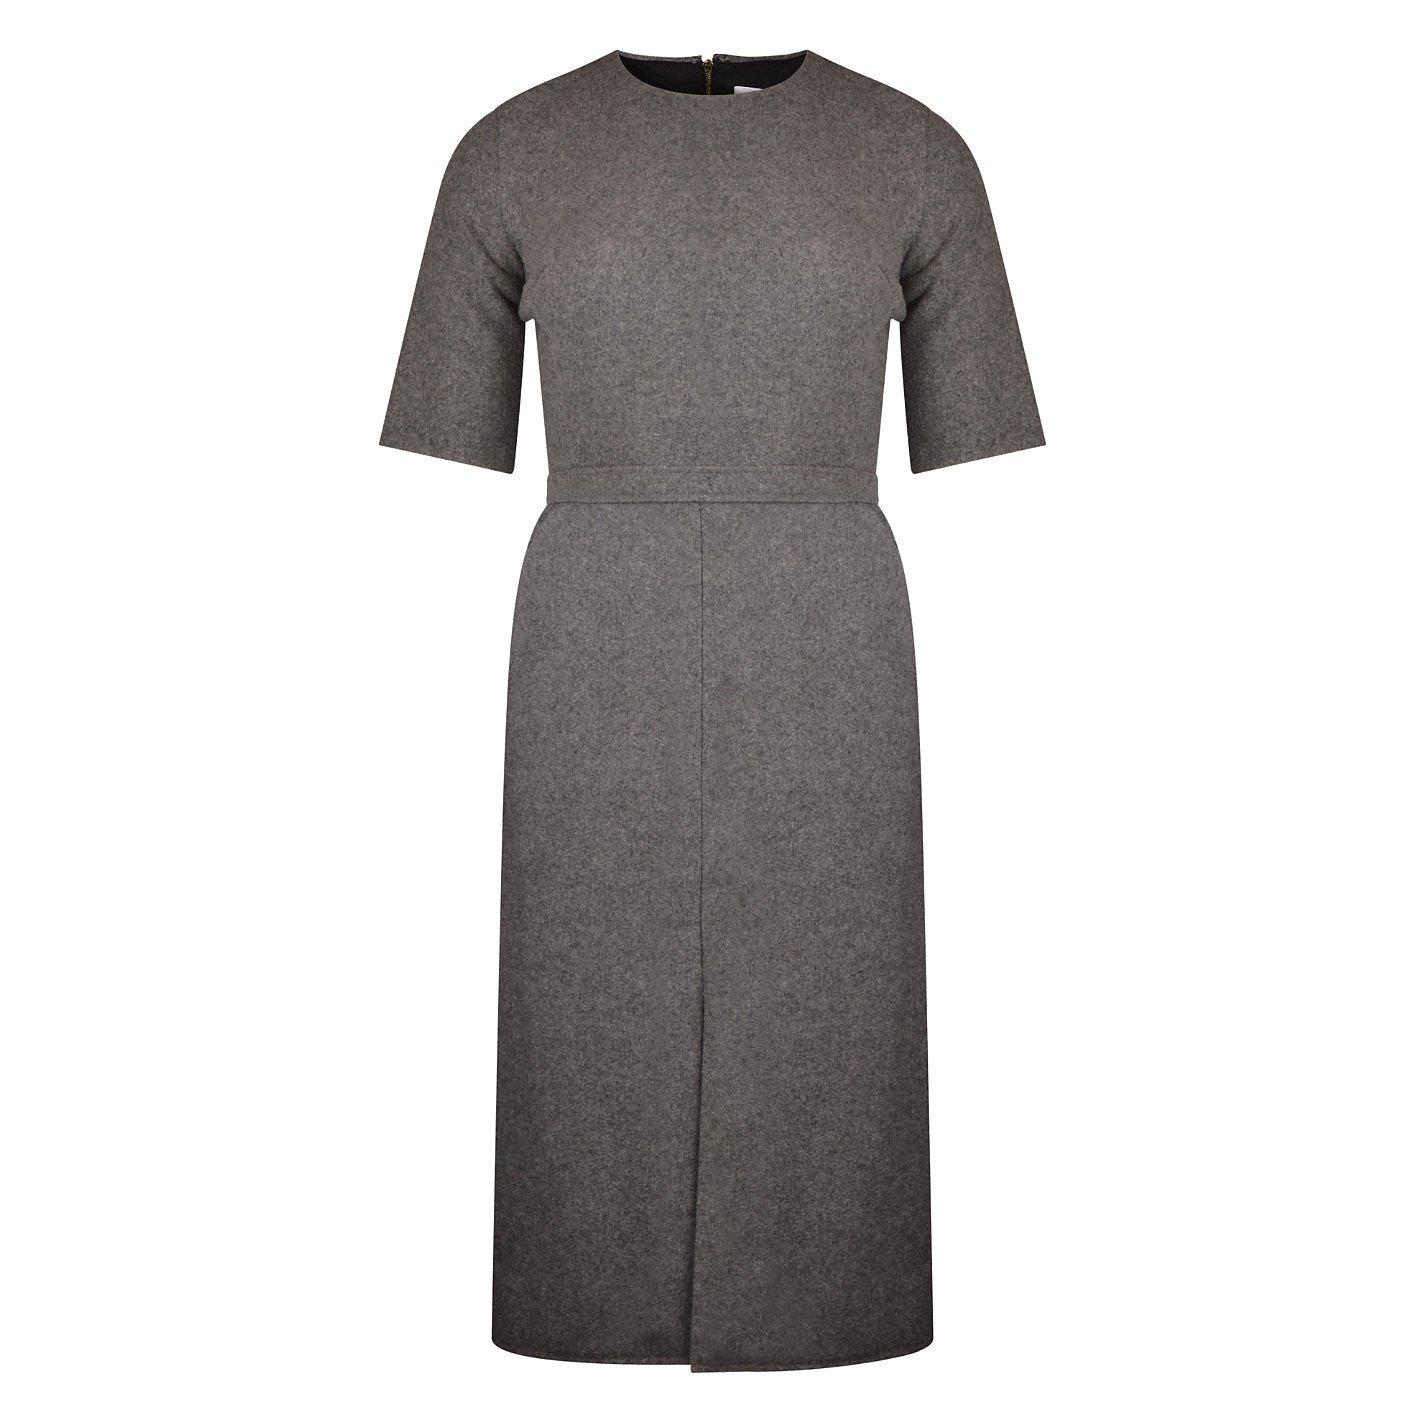 Victoria Beckham Wool Pencil Dress